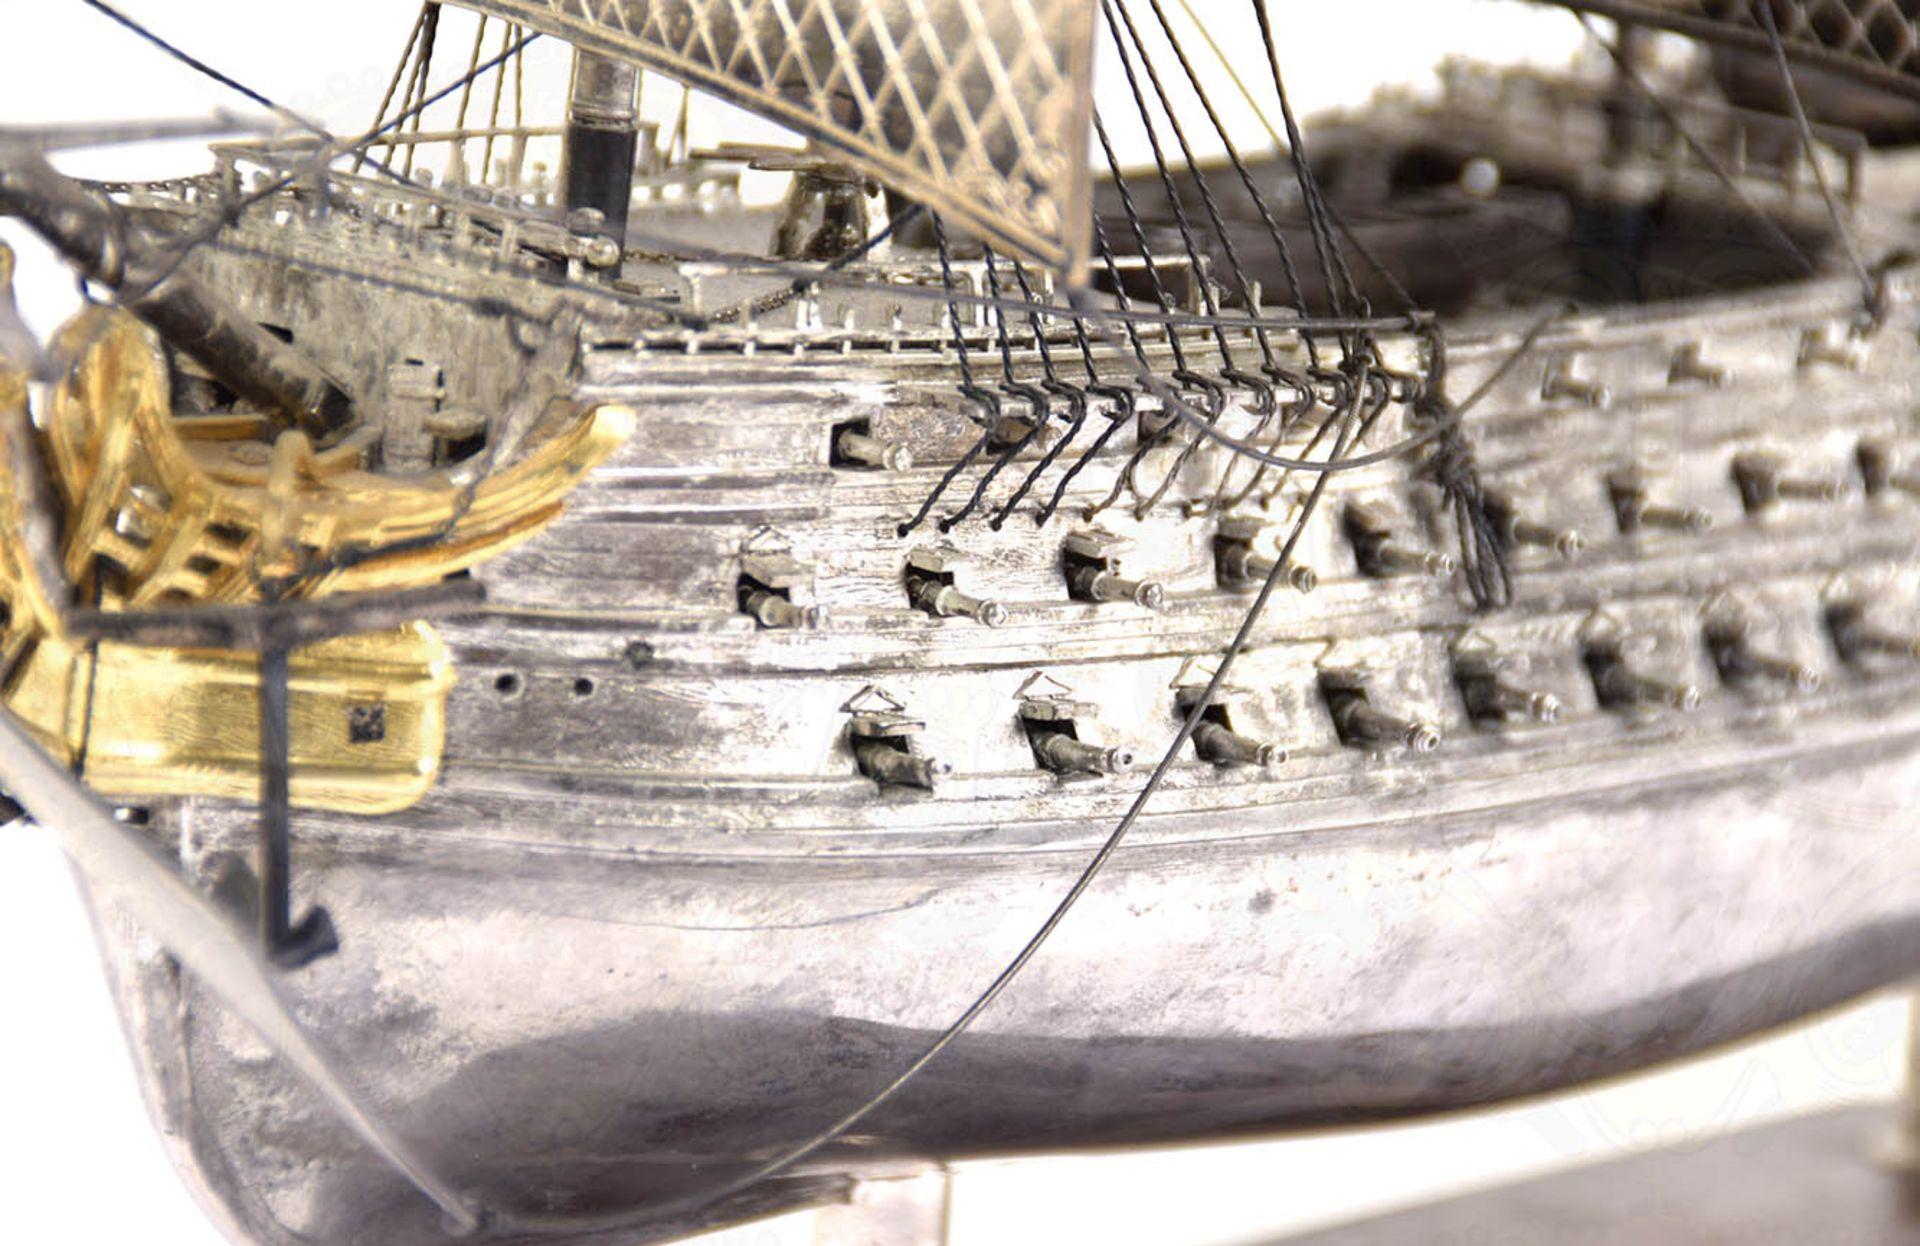 MODELL-LINIENSCHIFF, Dreidecker-Segellinienschiff der 2. Hälfte des 18. Jhd. mit 100 Kanonen, - Bild 2 aus 15